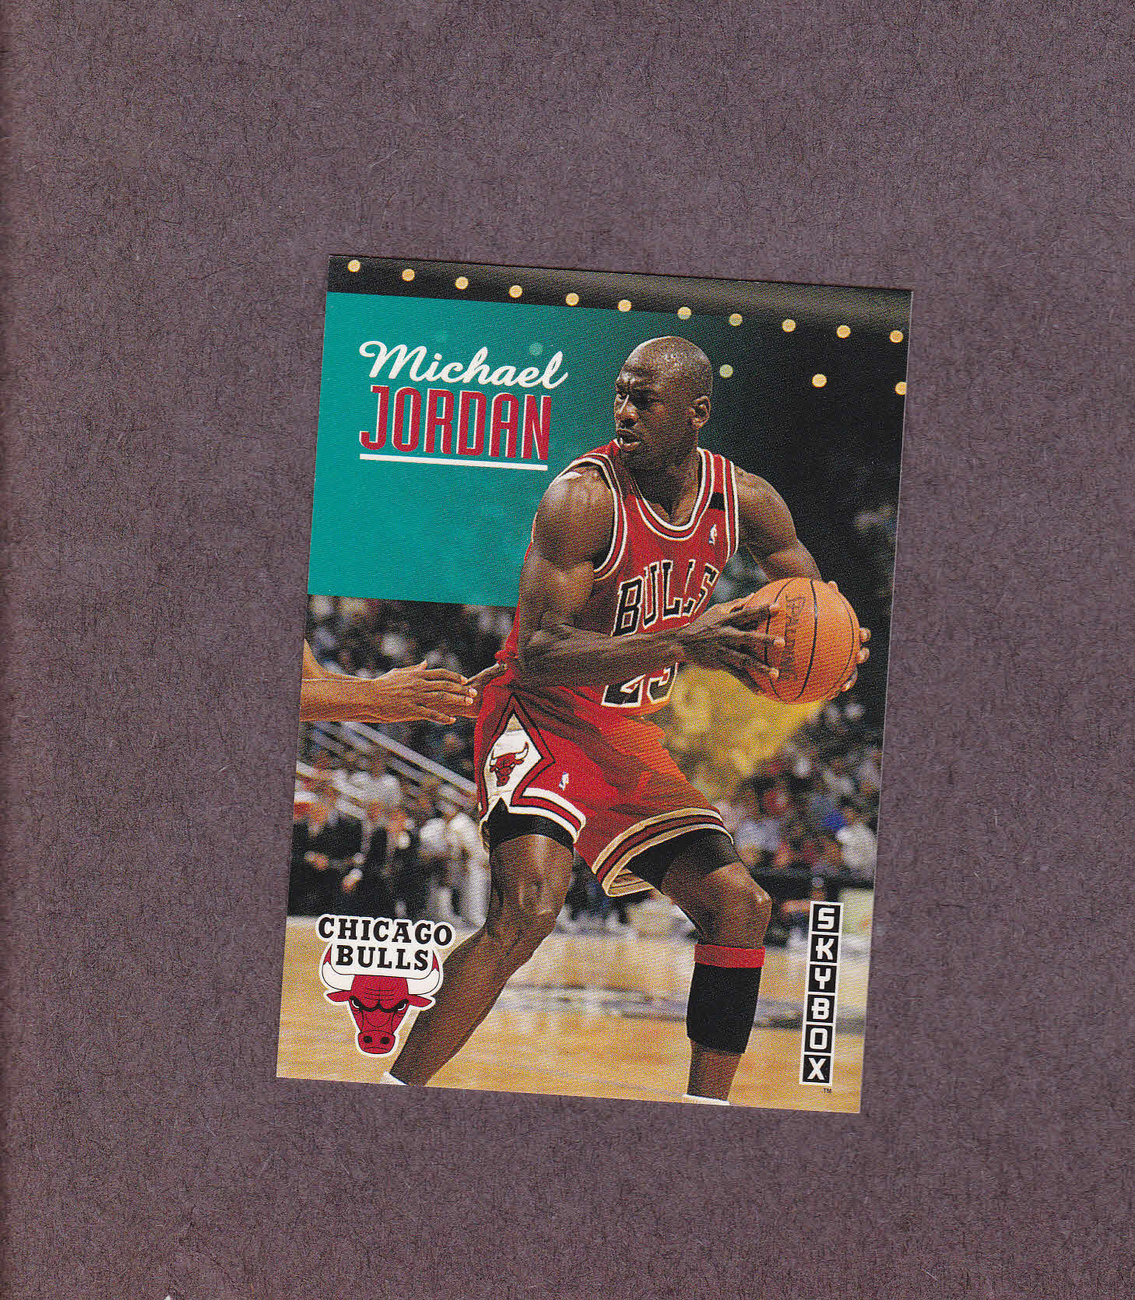 1992-93 Skybox # 31 Michael Jordan Chicago Bulls NM